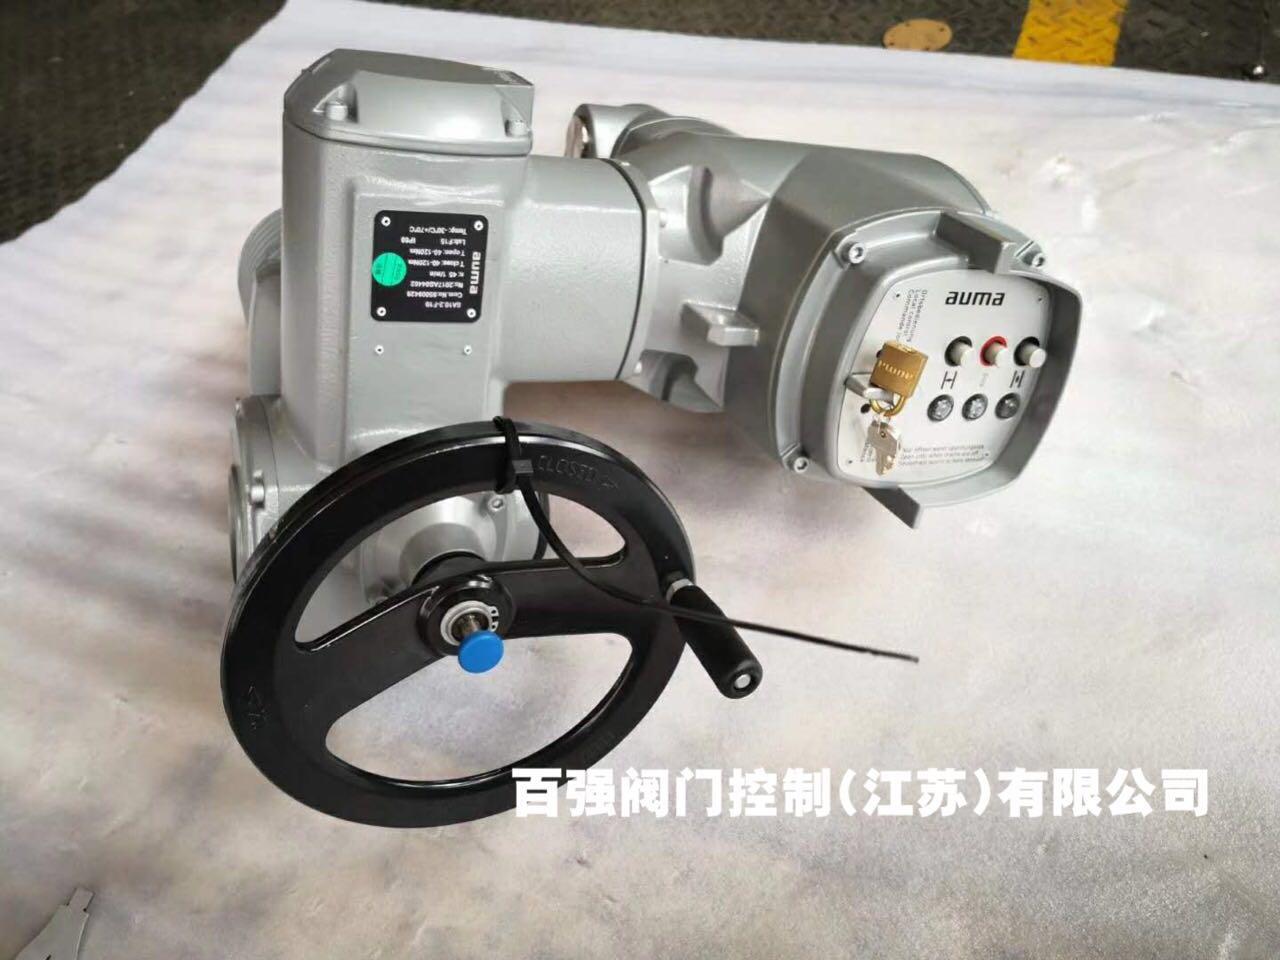 流体控制仪表 执行器 百强阀门控制江苏有限公司 产品展示 德国auma图片